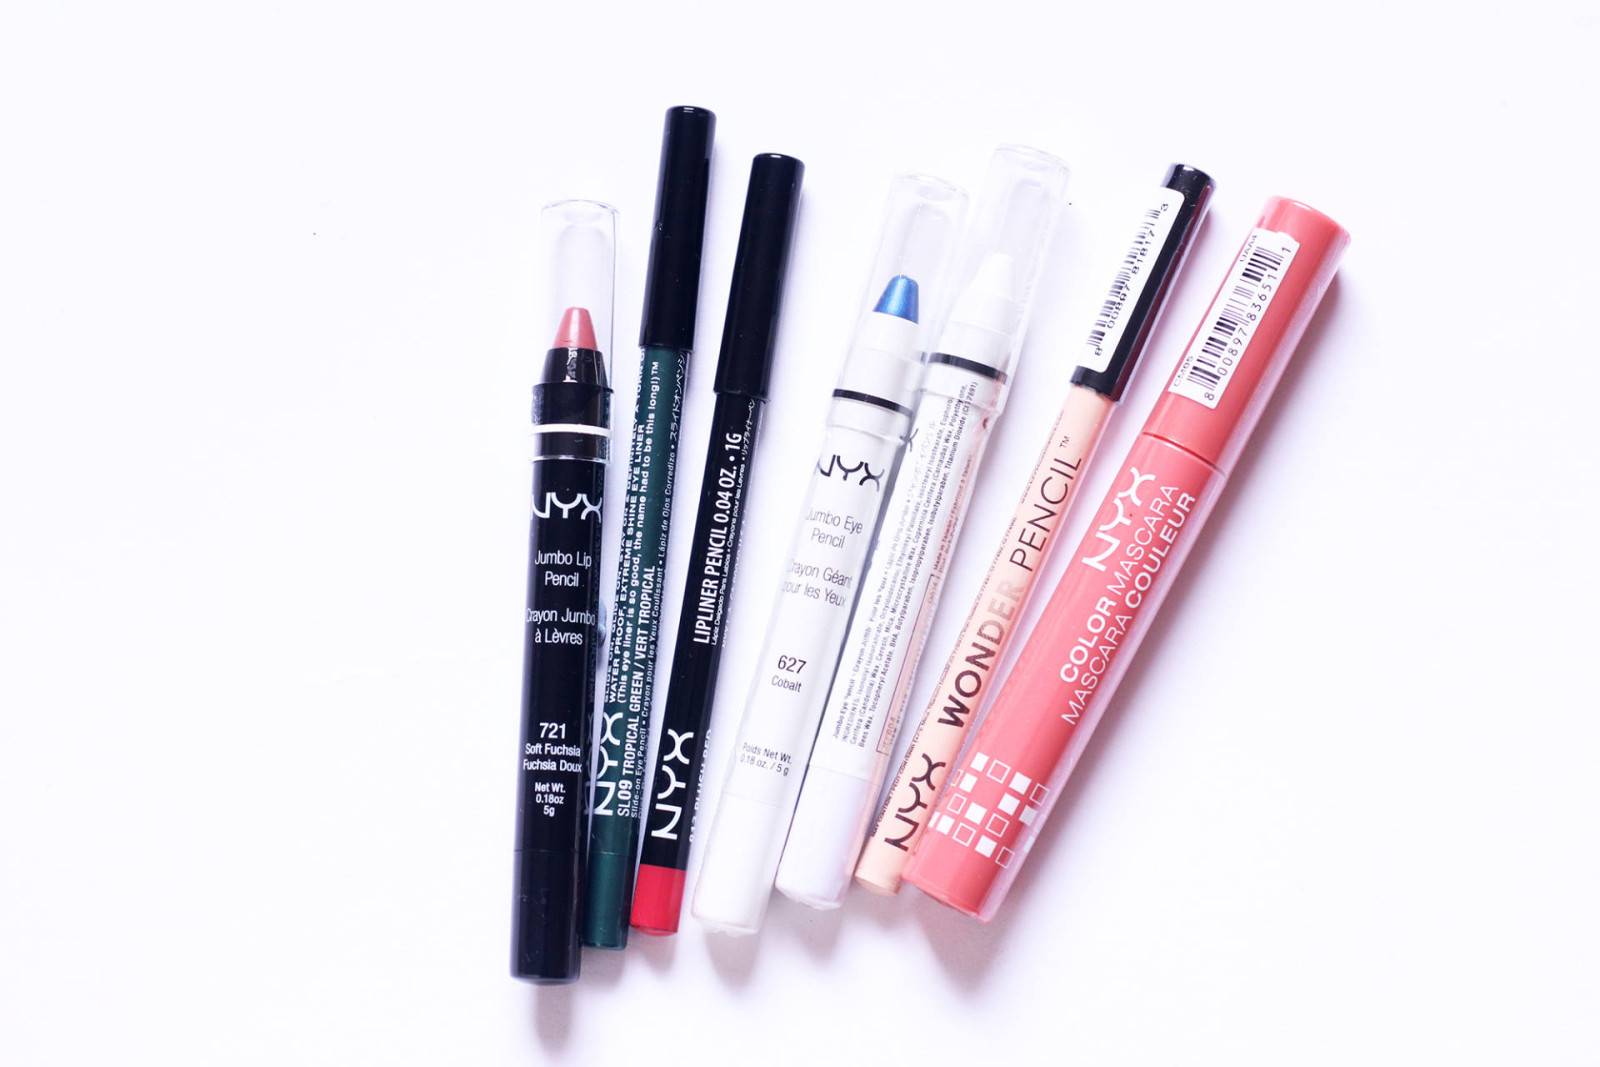 nyx-cosmetics-giveaway-5